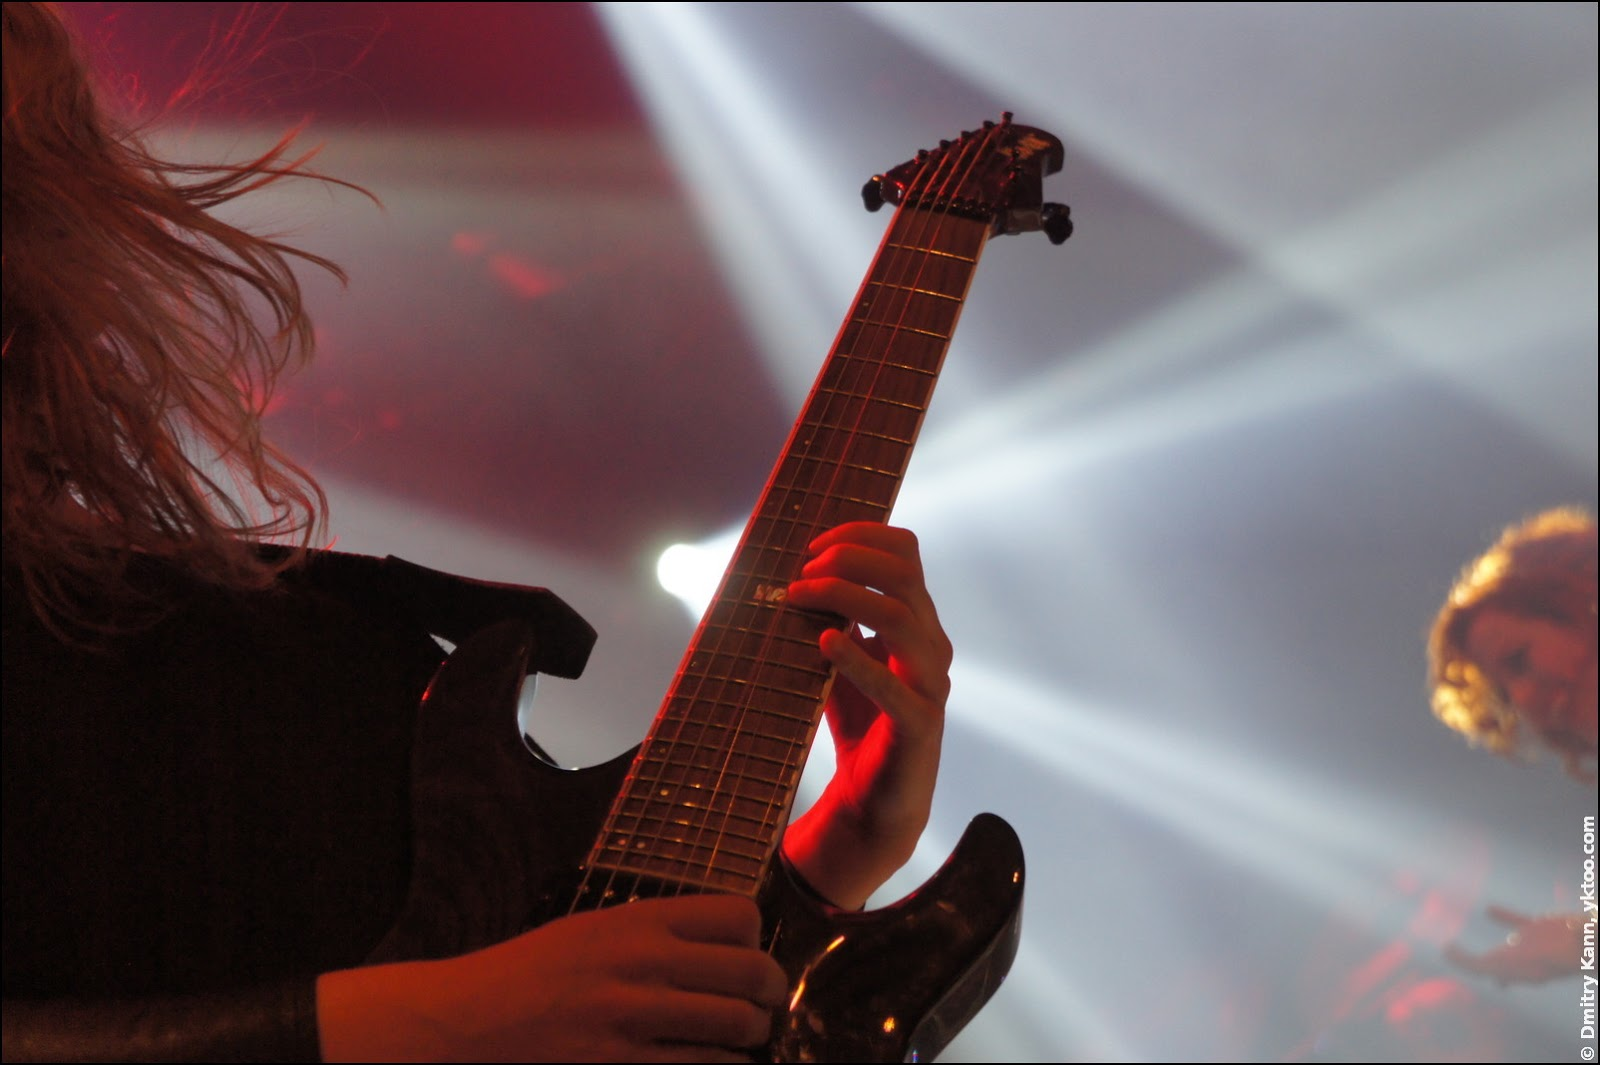 Мерел Бехтолд и её семиструнная гитара.